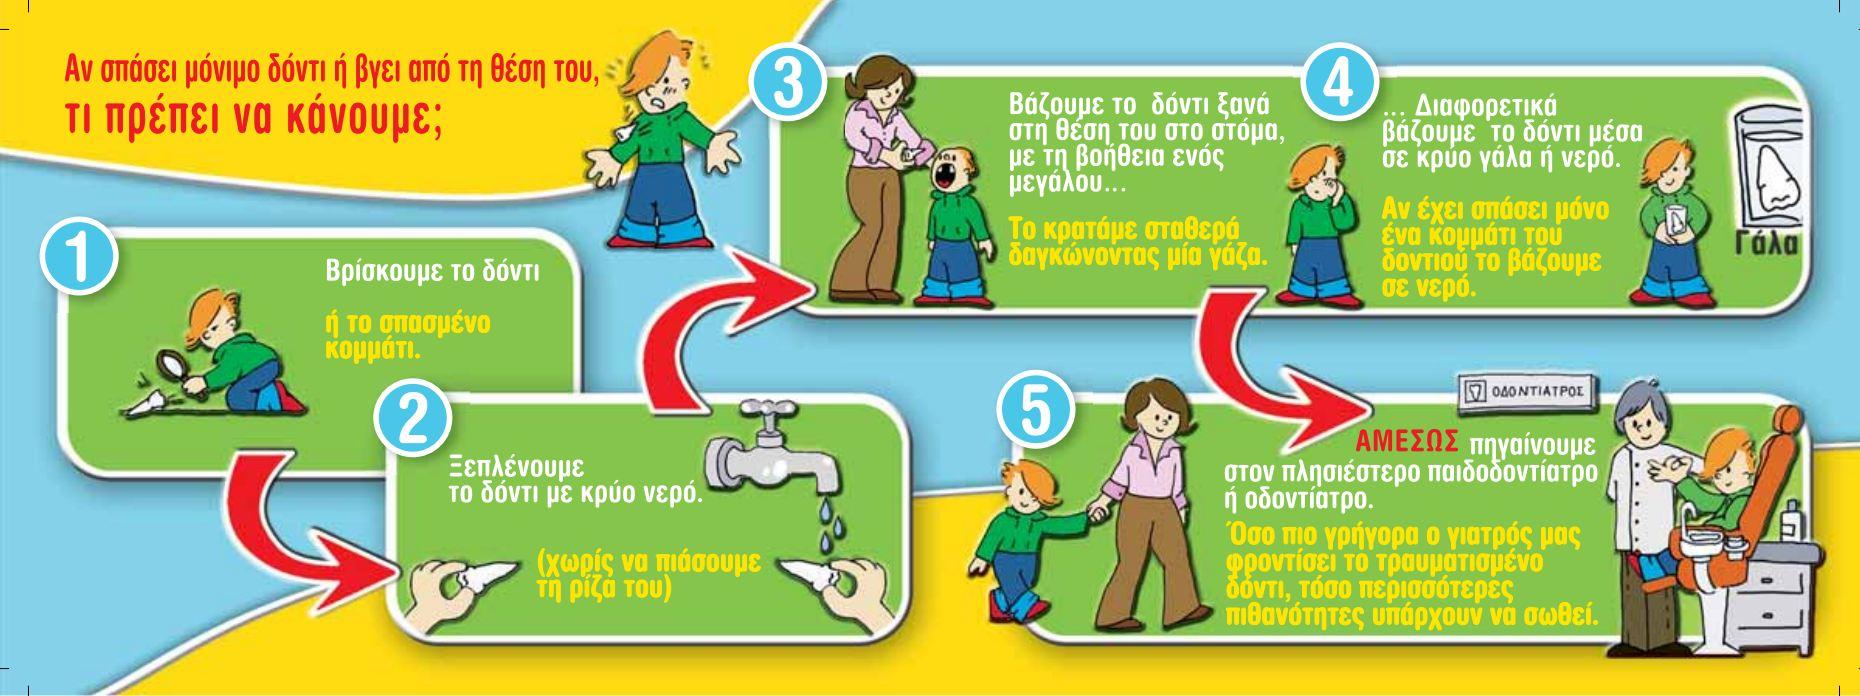 Πρώτες Βοήθειες - Τραυματισμός Δοντιού